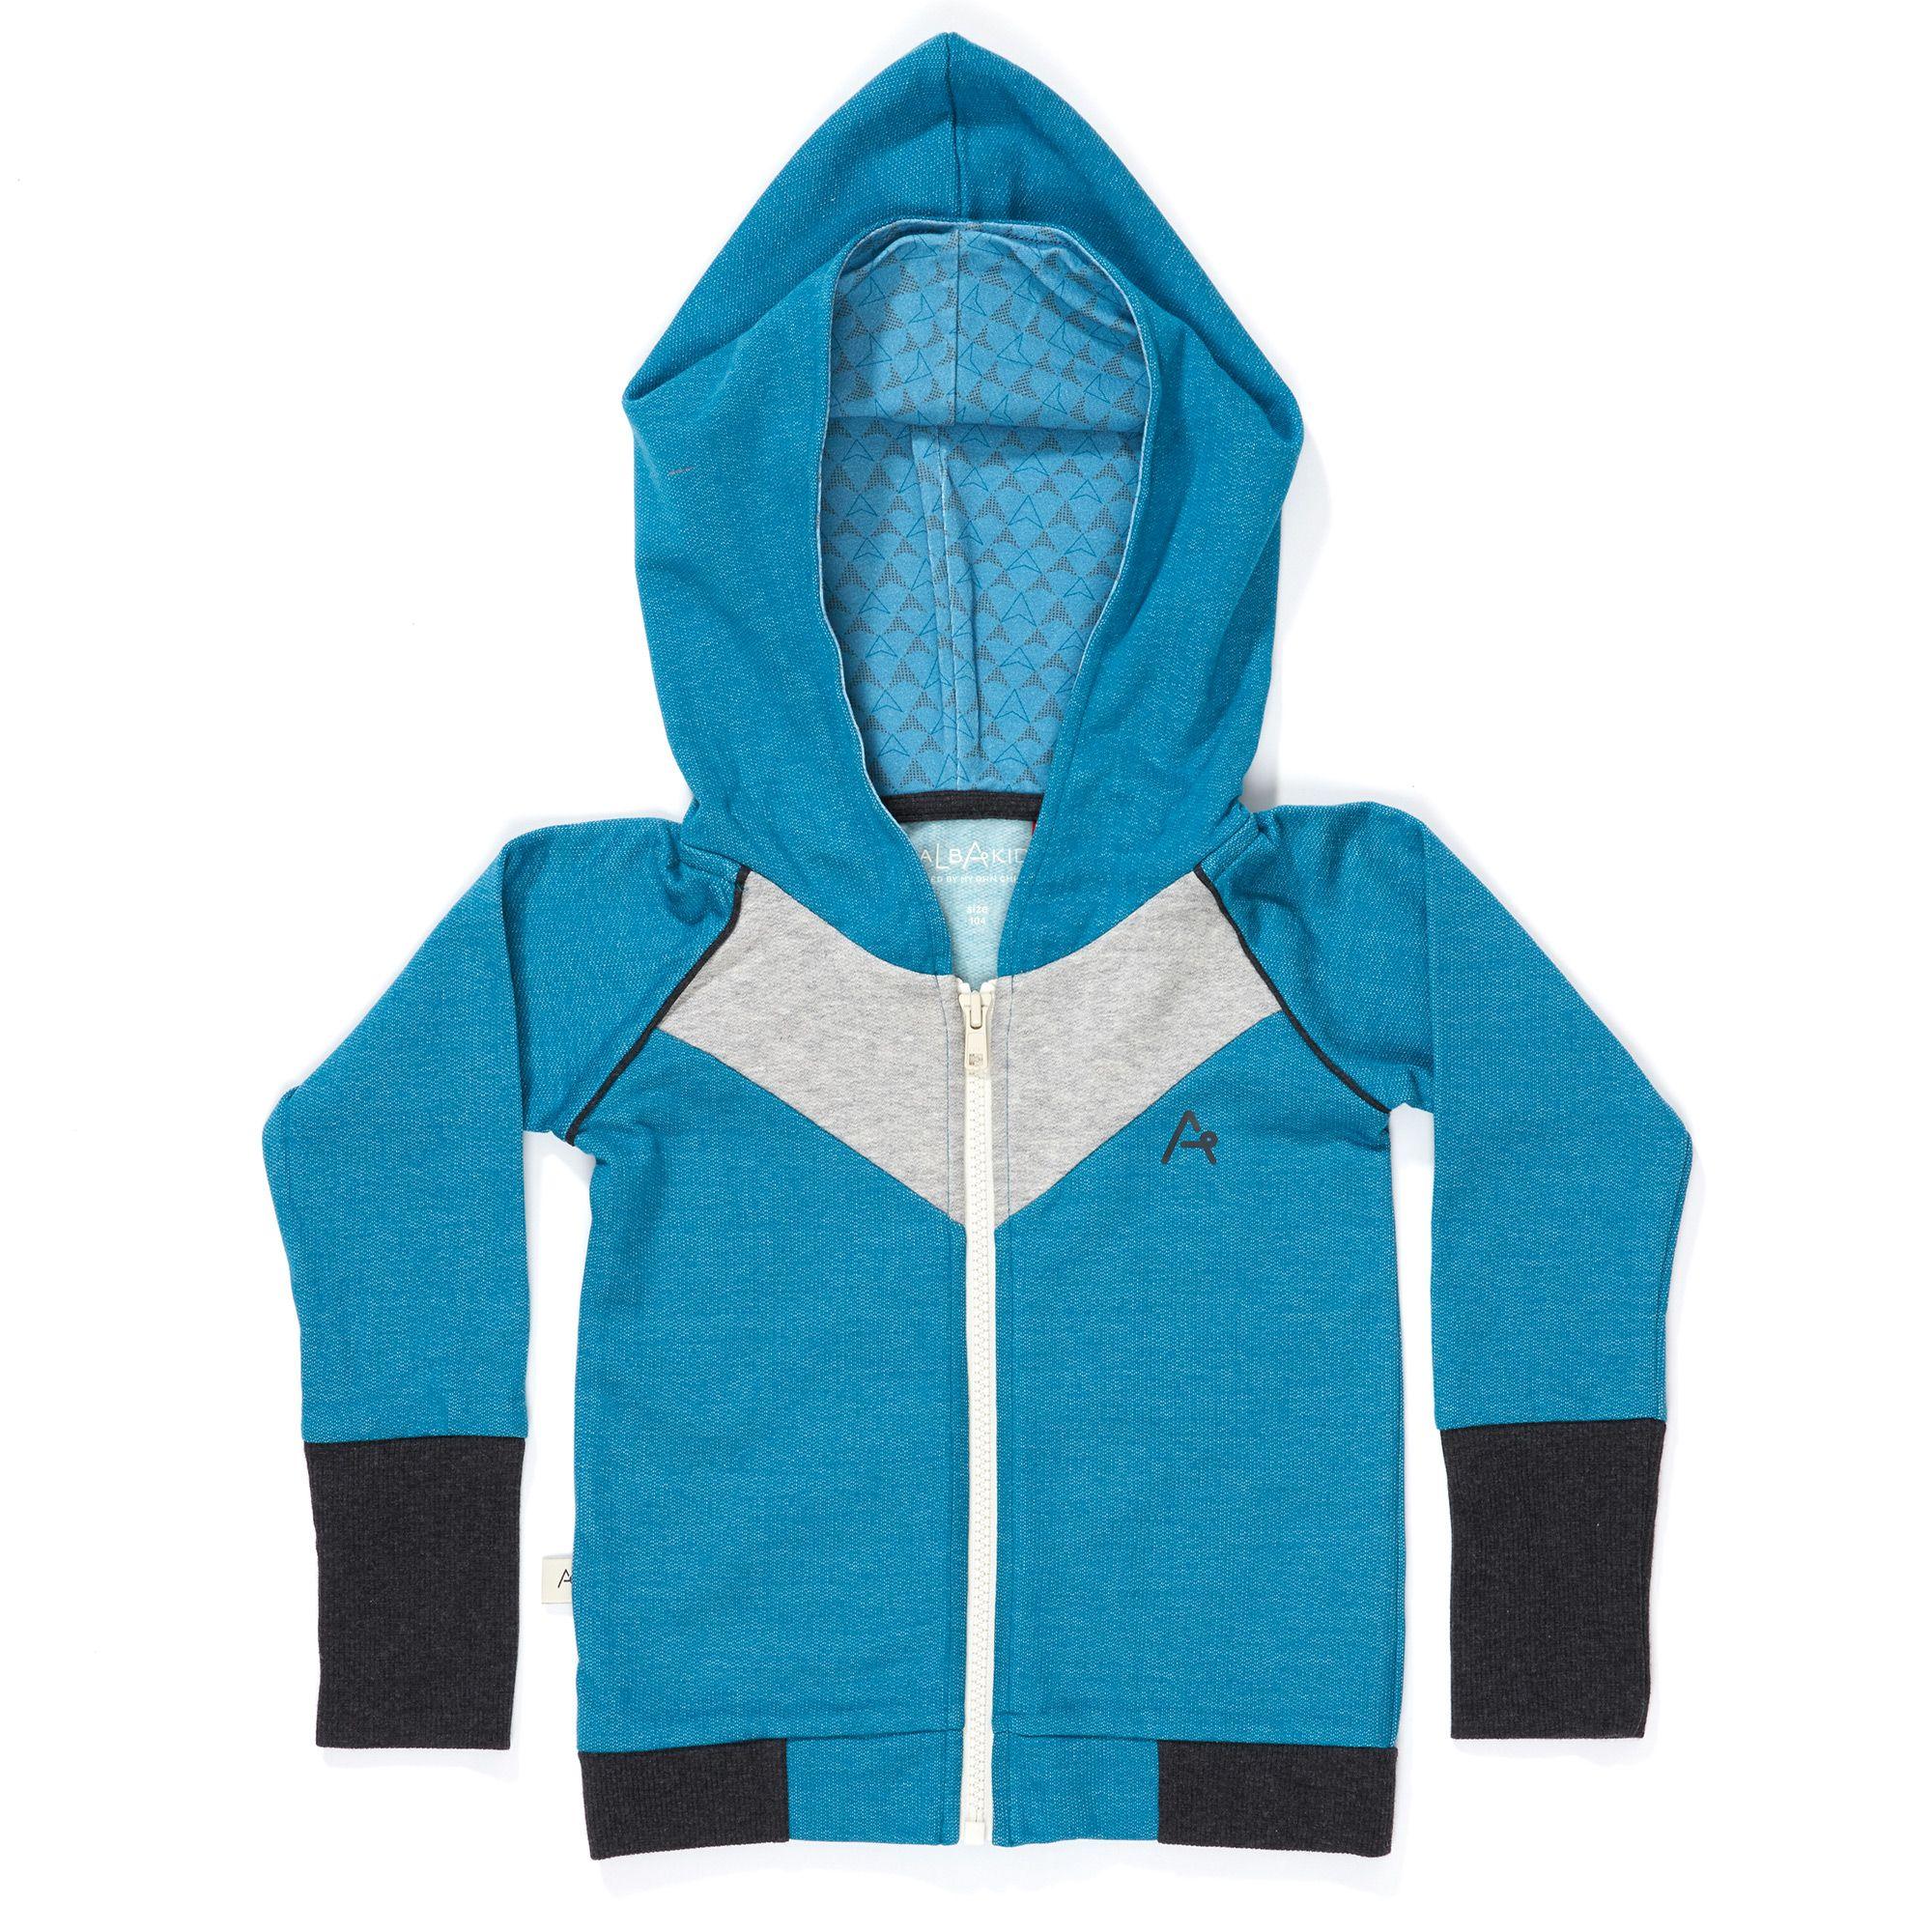 Blauer Zipper Hoodie mit Zipfelkapuze, mit kuschelig angerauhter Innenseite. Material: 100 % Baumwolle Oeko-Tex 100